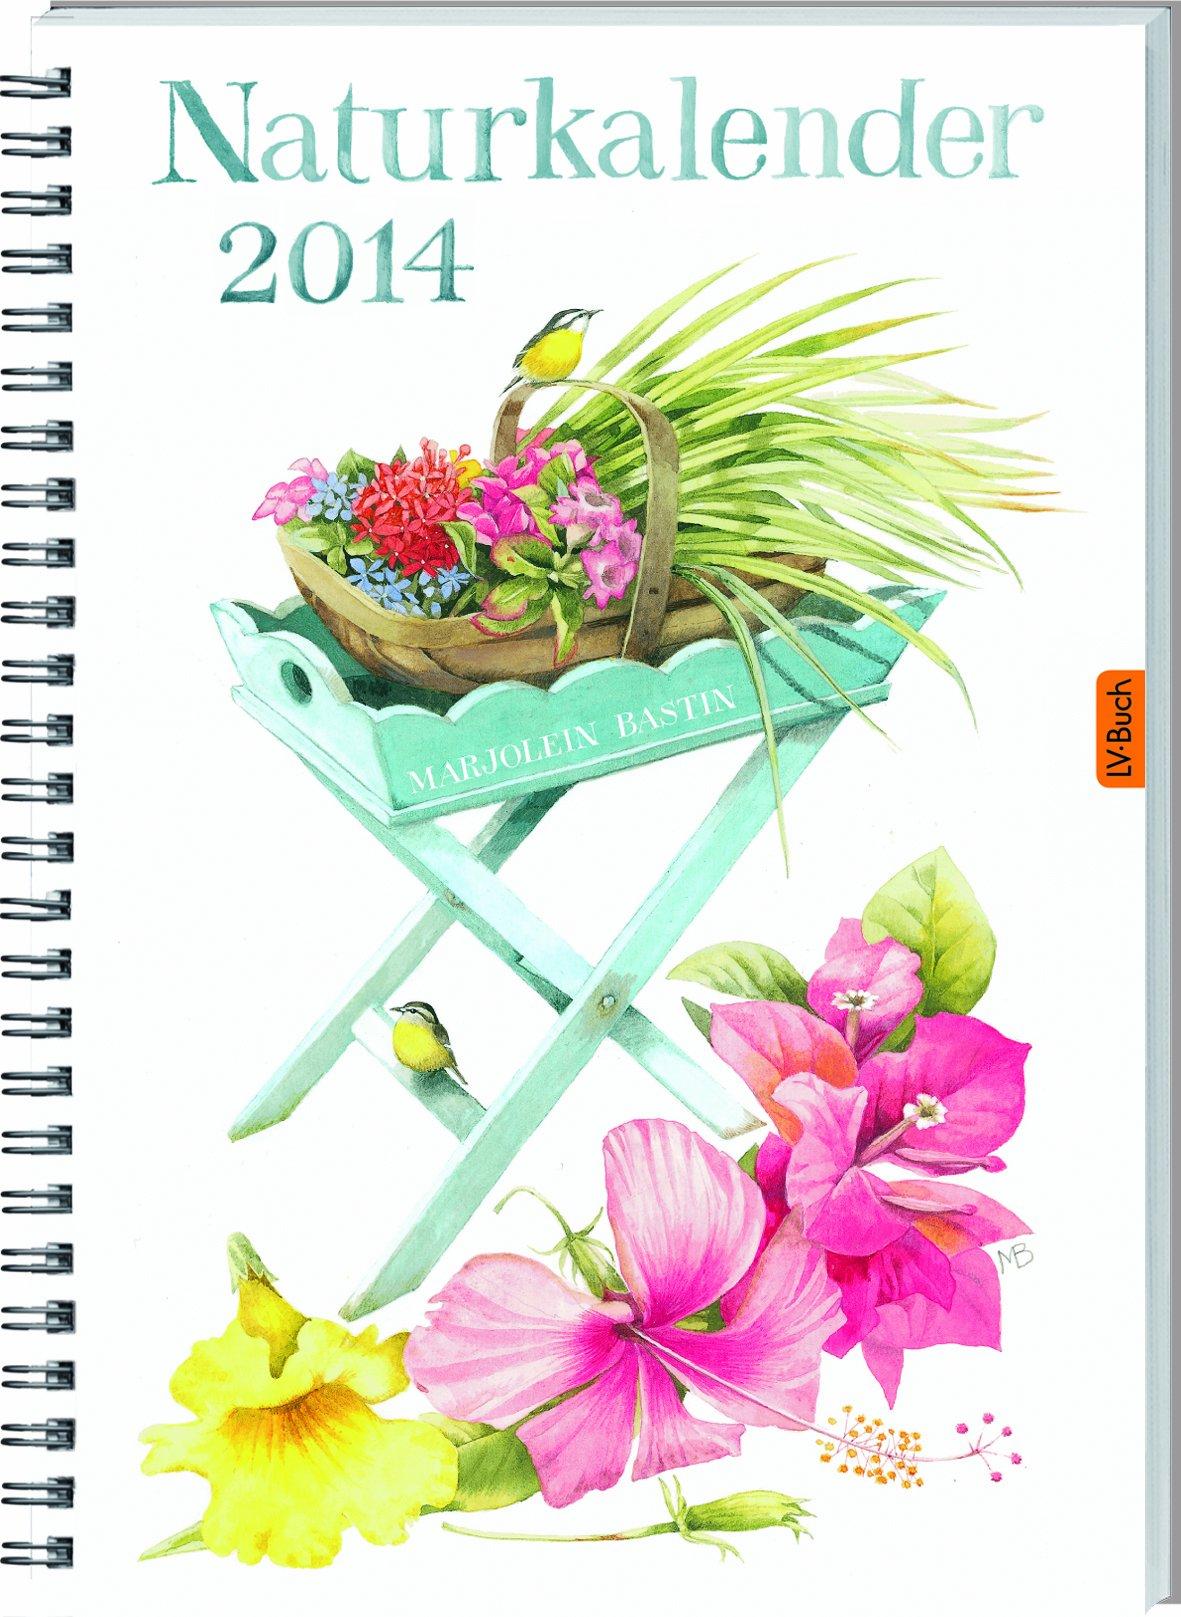 Naturkalender 2014